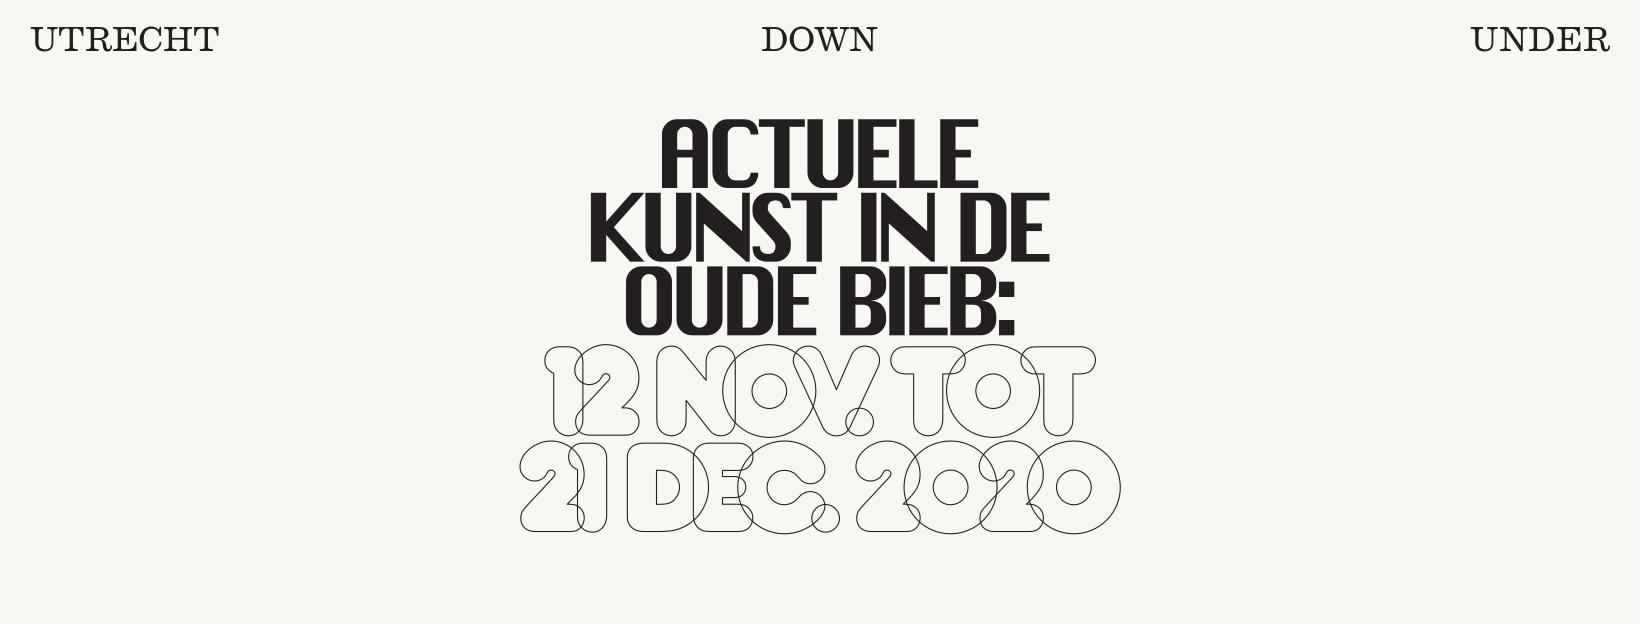 UtrechtDownUnder actuele kunst in de oude bieb